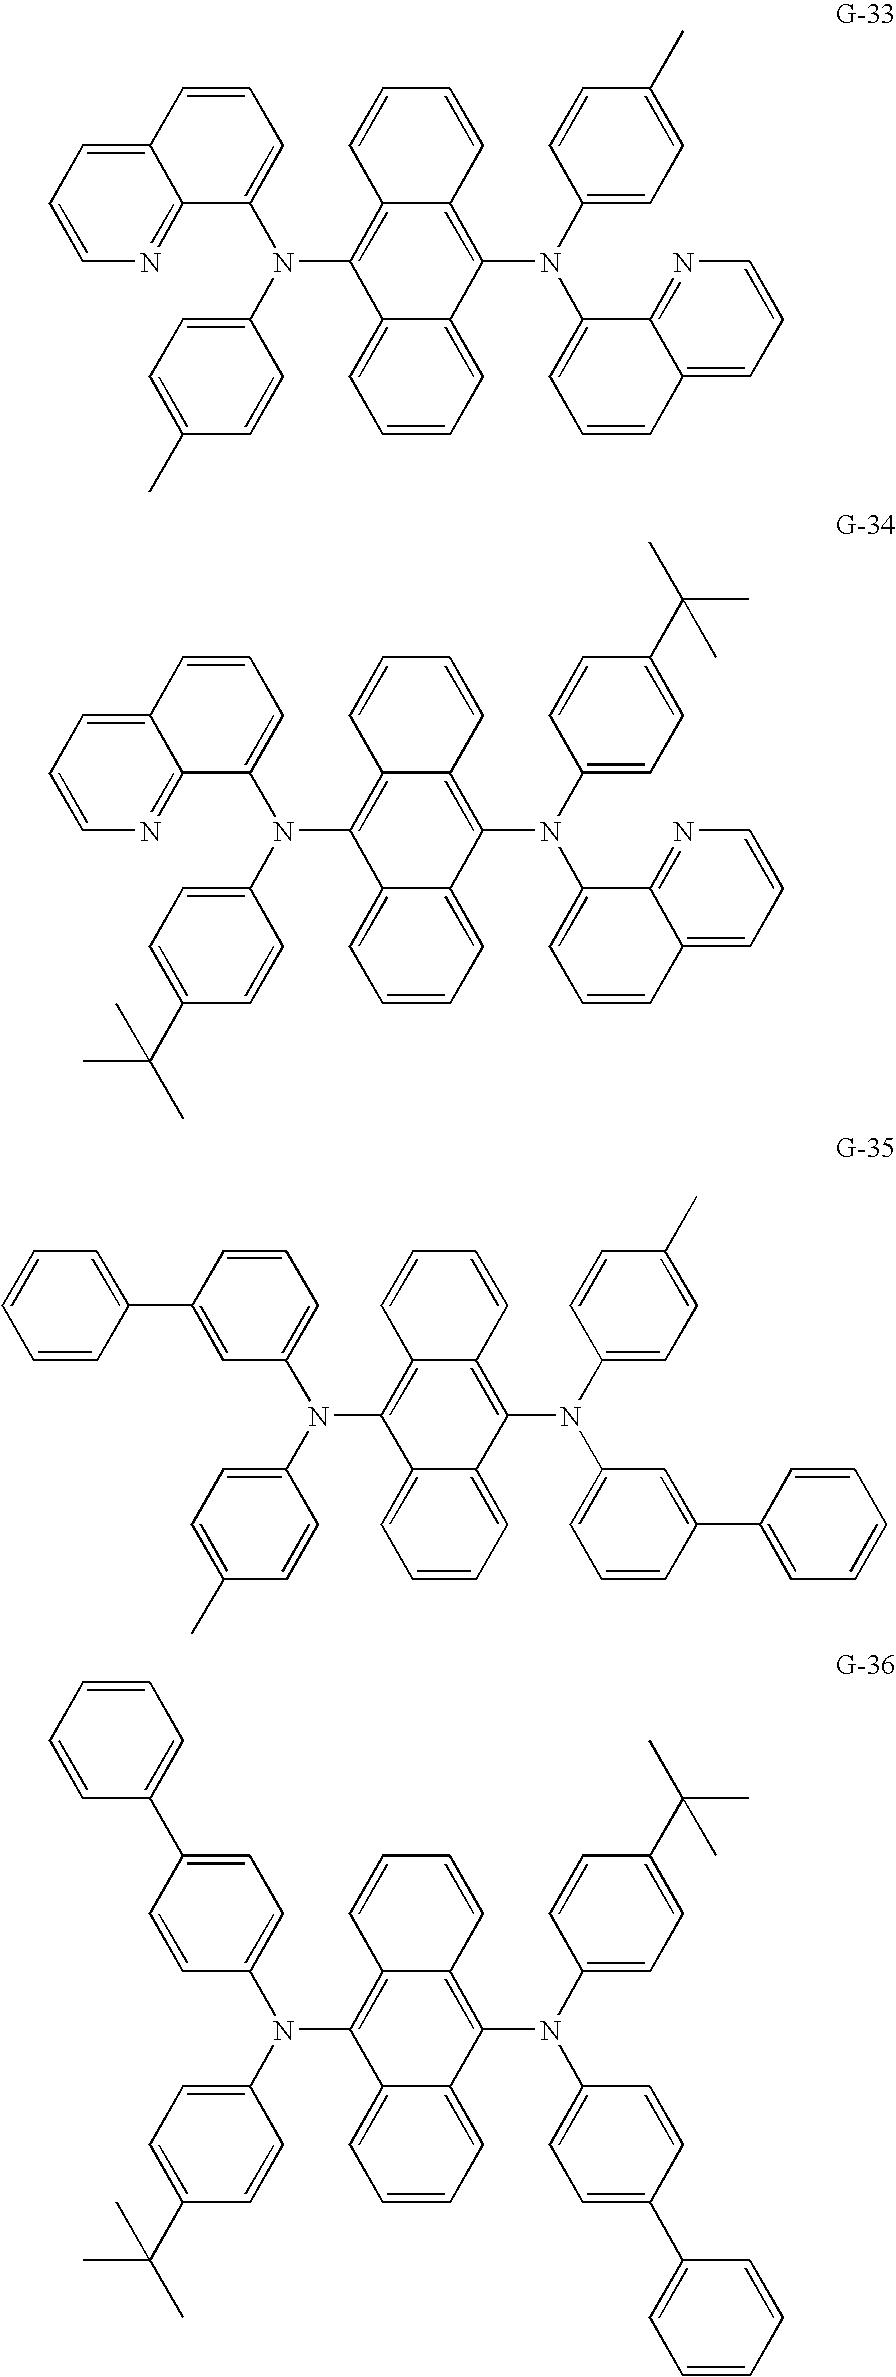 Figure US07651788-20100126-C00053